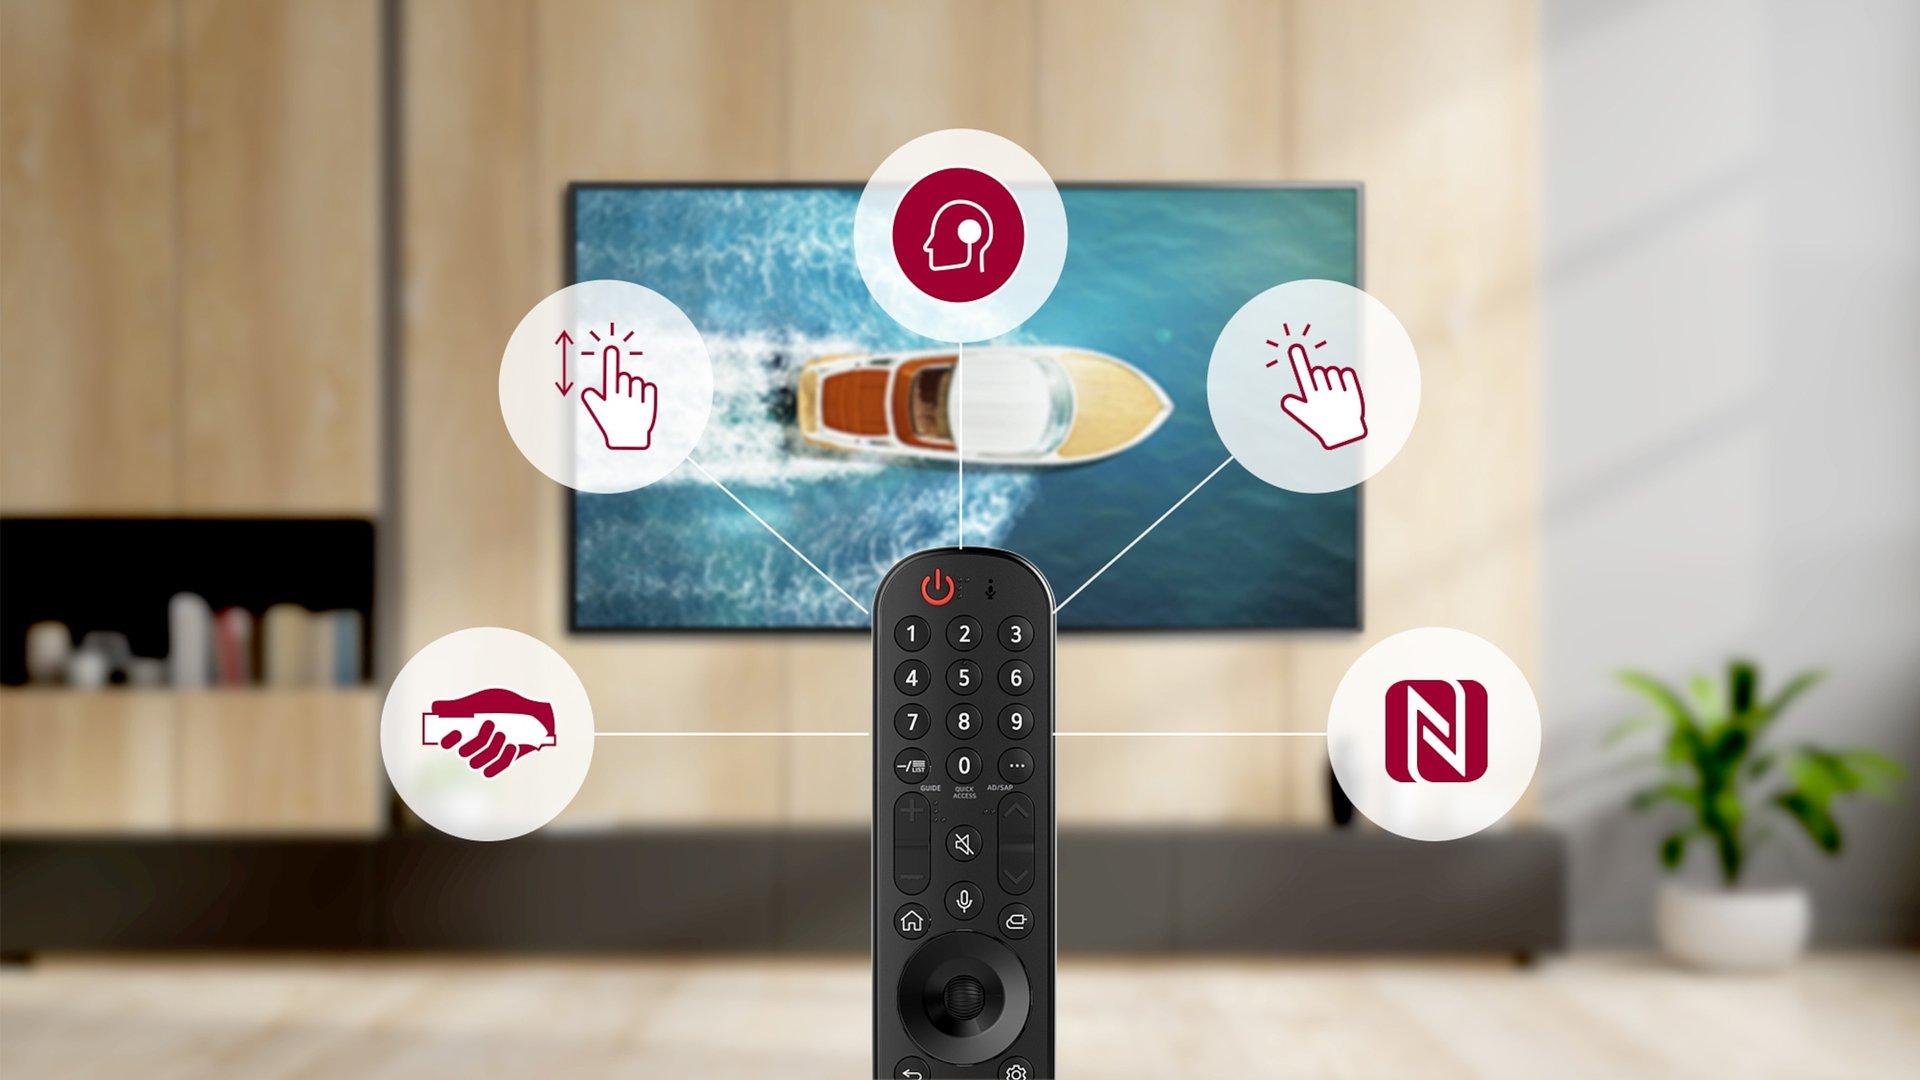 Firma LG Electronics ogłosiła wprowadzenie systemu operacyjnego webOS 6.0 dla swoich telewizorów OLED, QNED Mini LED, NanoCell oraz UHD Smart TV z oferty na rok 2021. Najnowsza wersja cenionego systemu operacyjnego Smart TV w połączeniu z nowym pilotem Magic pozwala widzom przyjemniej i w sposób bardziej intuicyjny odkrywać interesujące ich treści.